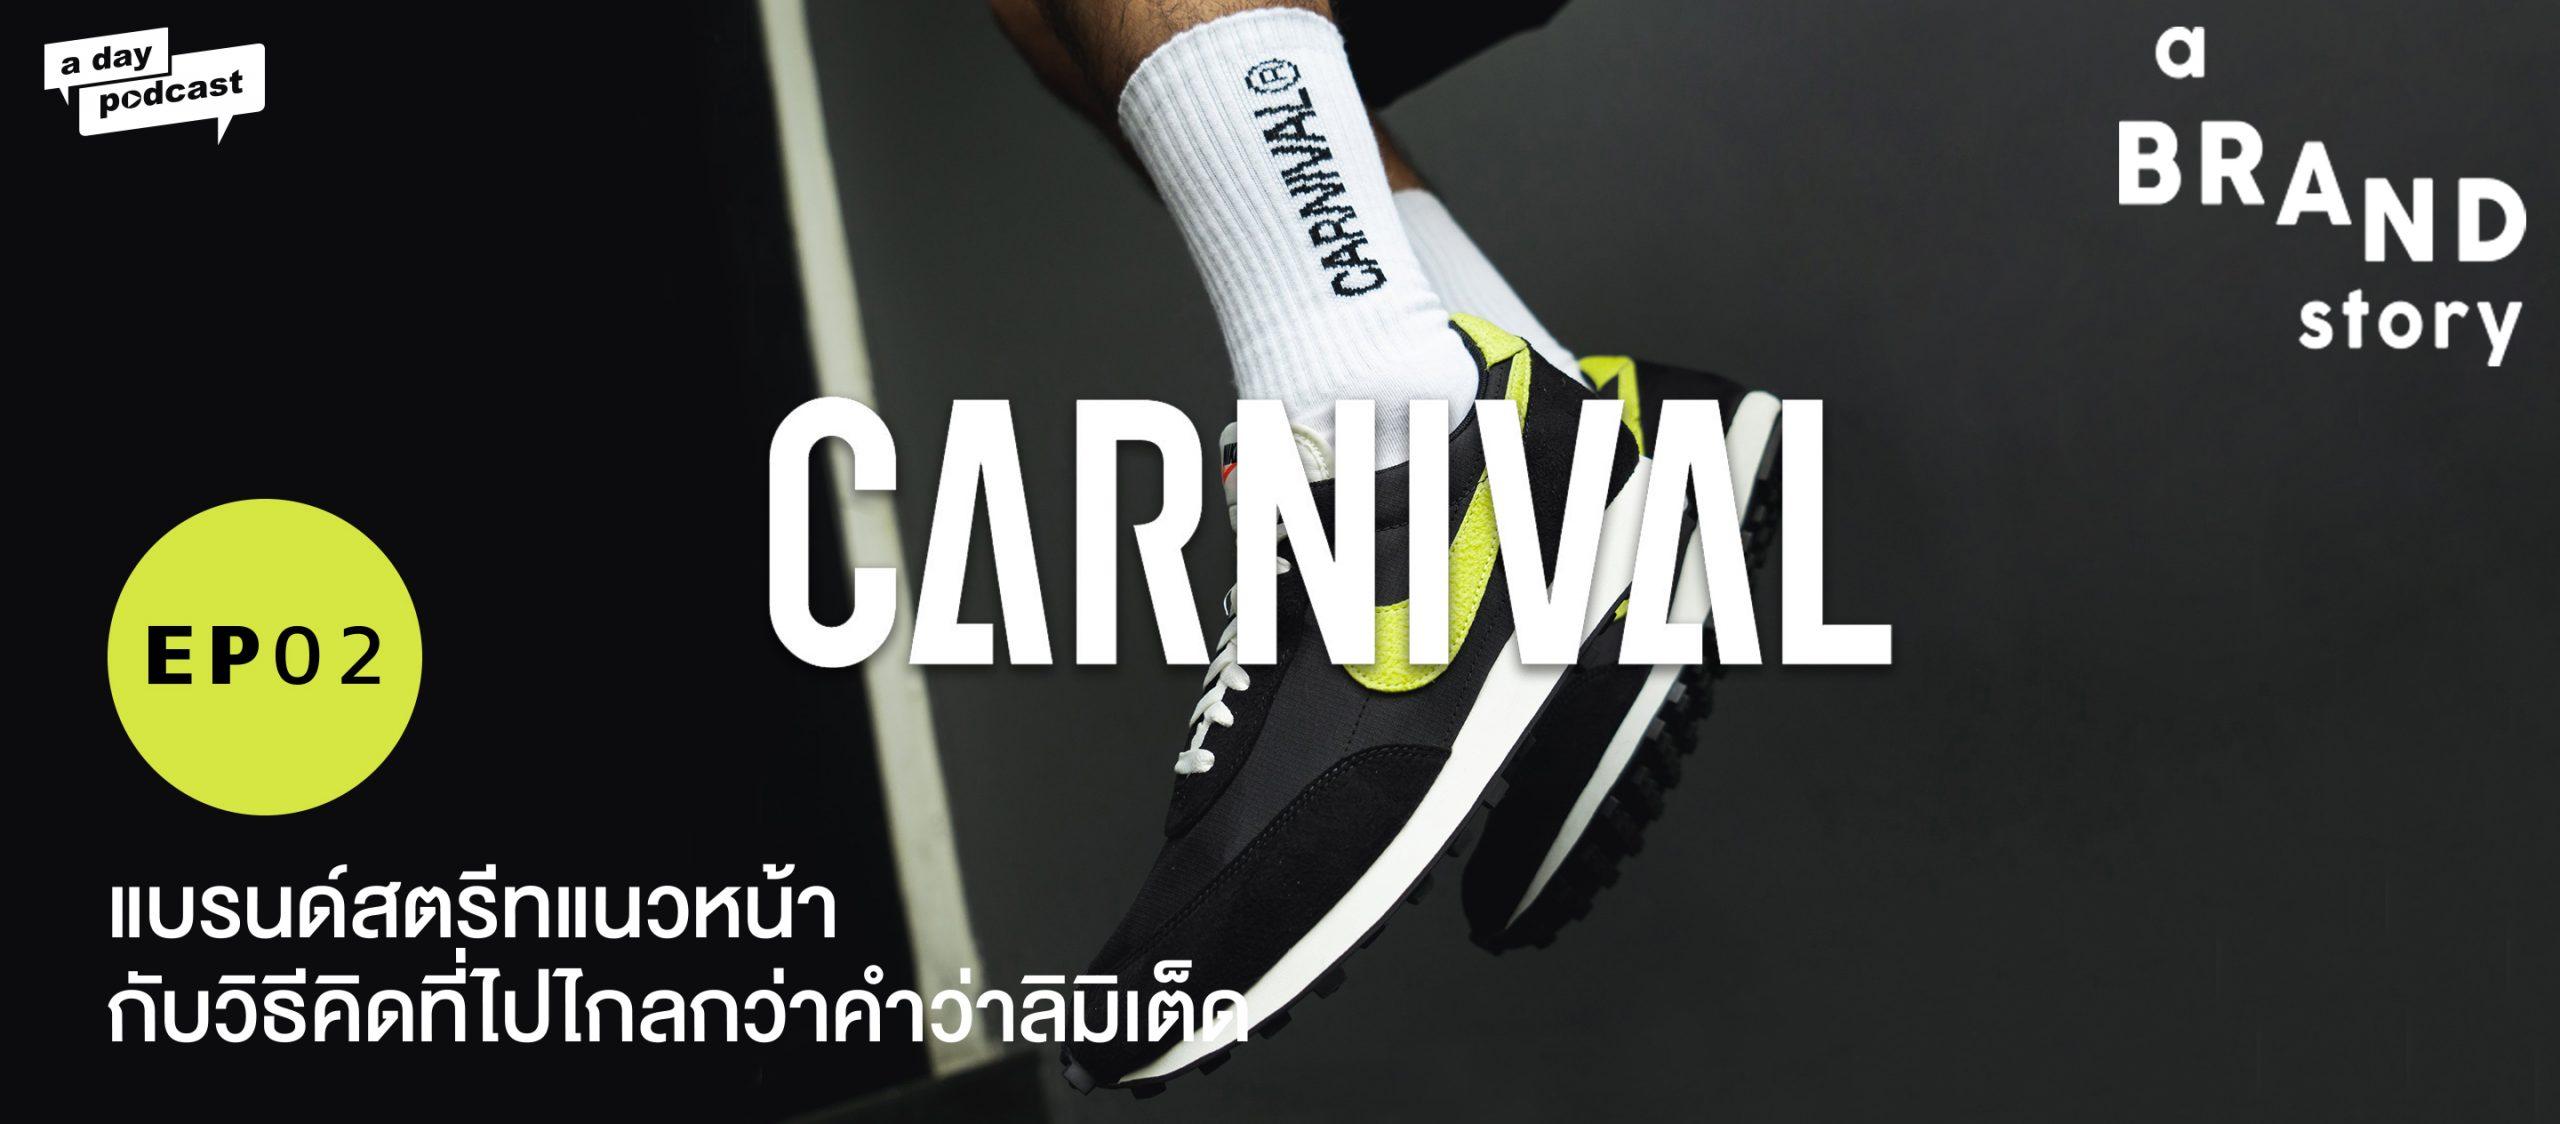 a BRAND story EP.02 Carnival แบรนด์สตรีทแนวหน้ากับวิธีคิดที่ไปไกลกว่าคำว่าลิมิเต็ด